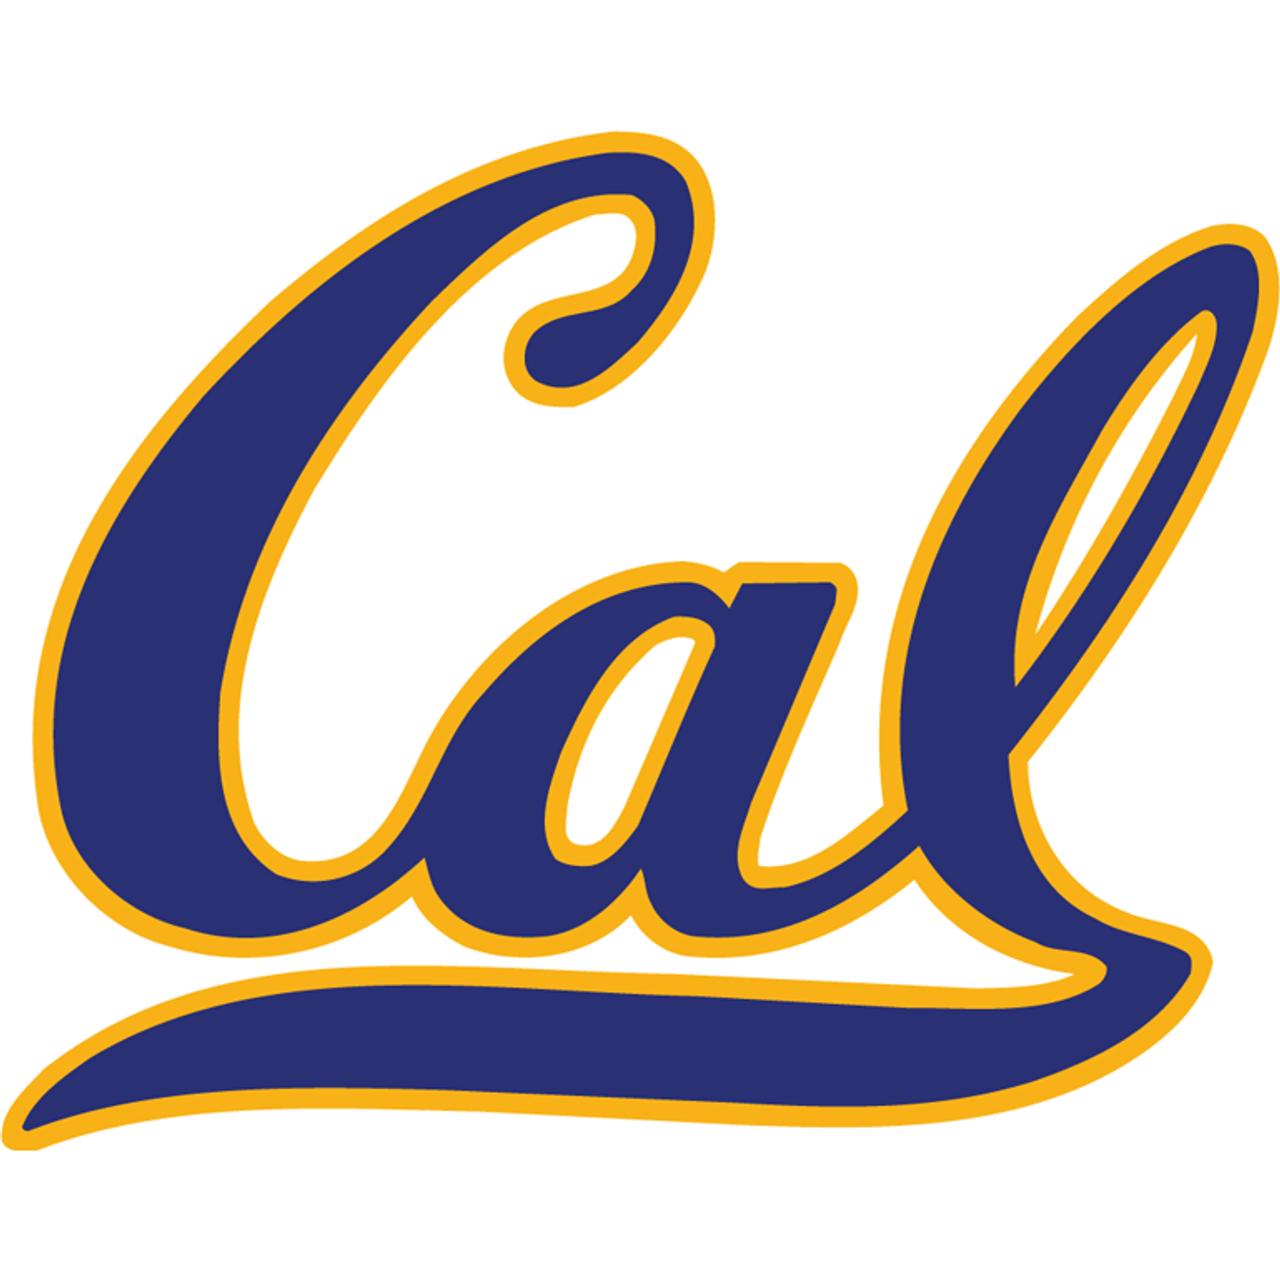 University of California Golden Bears